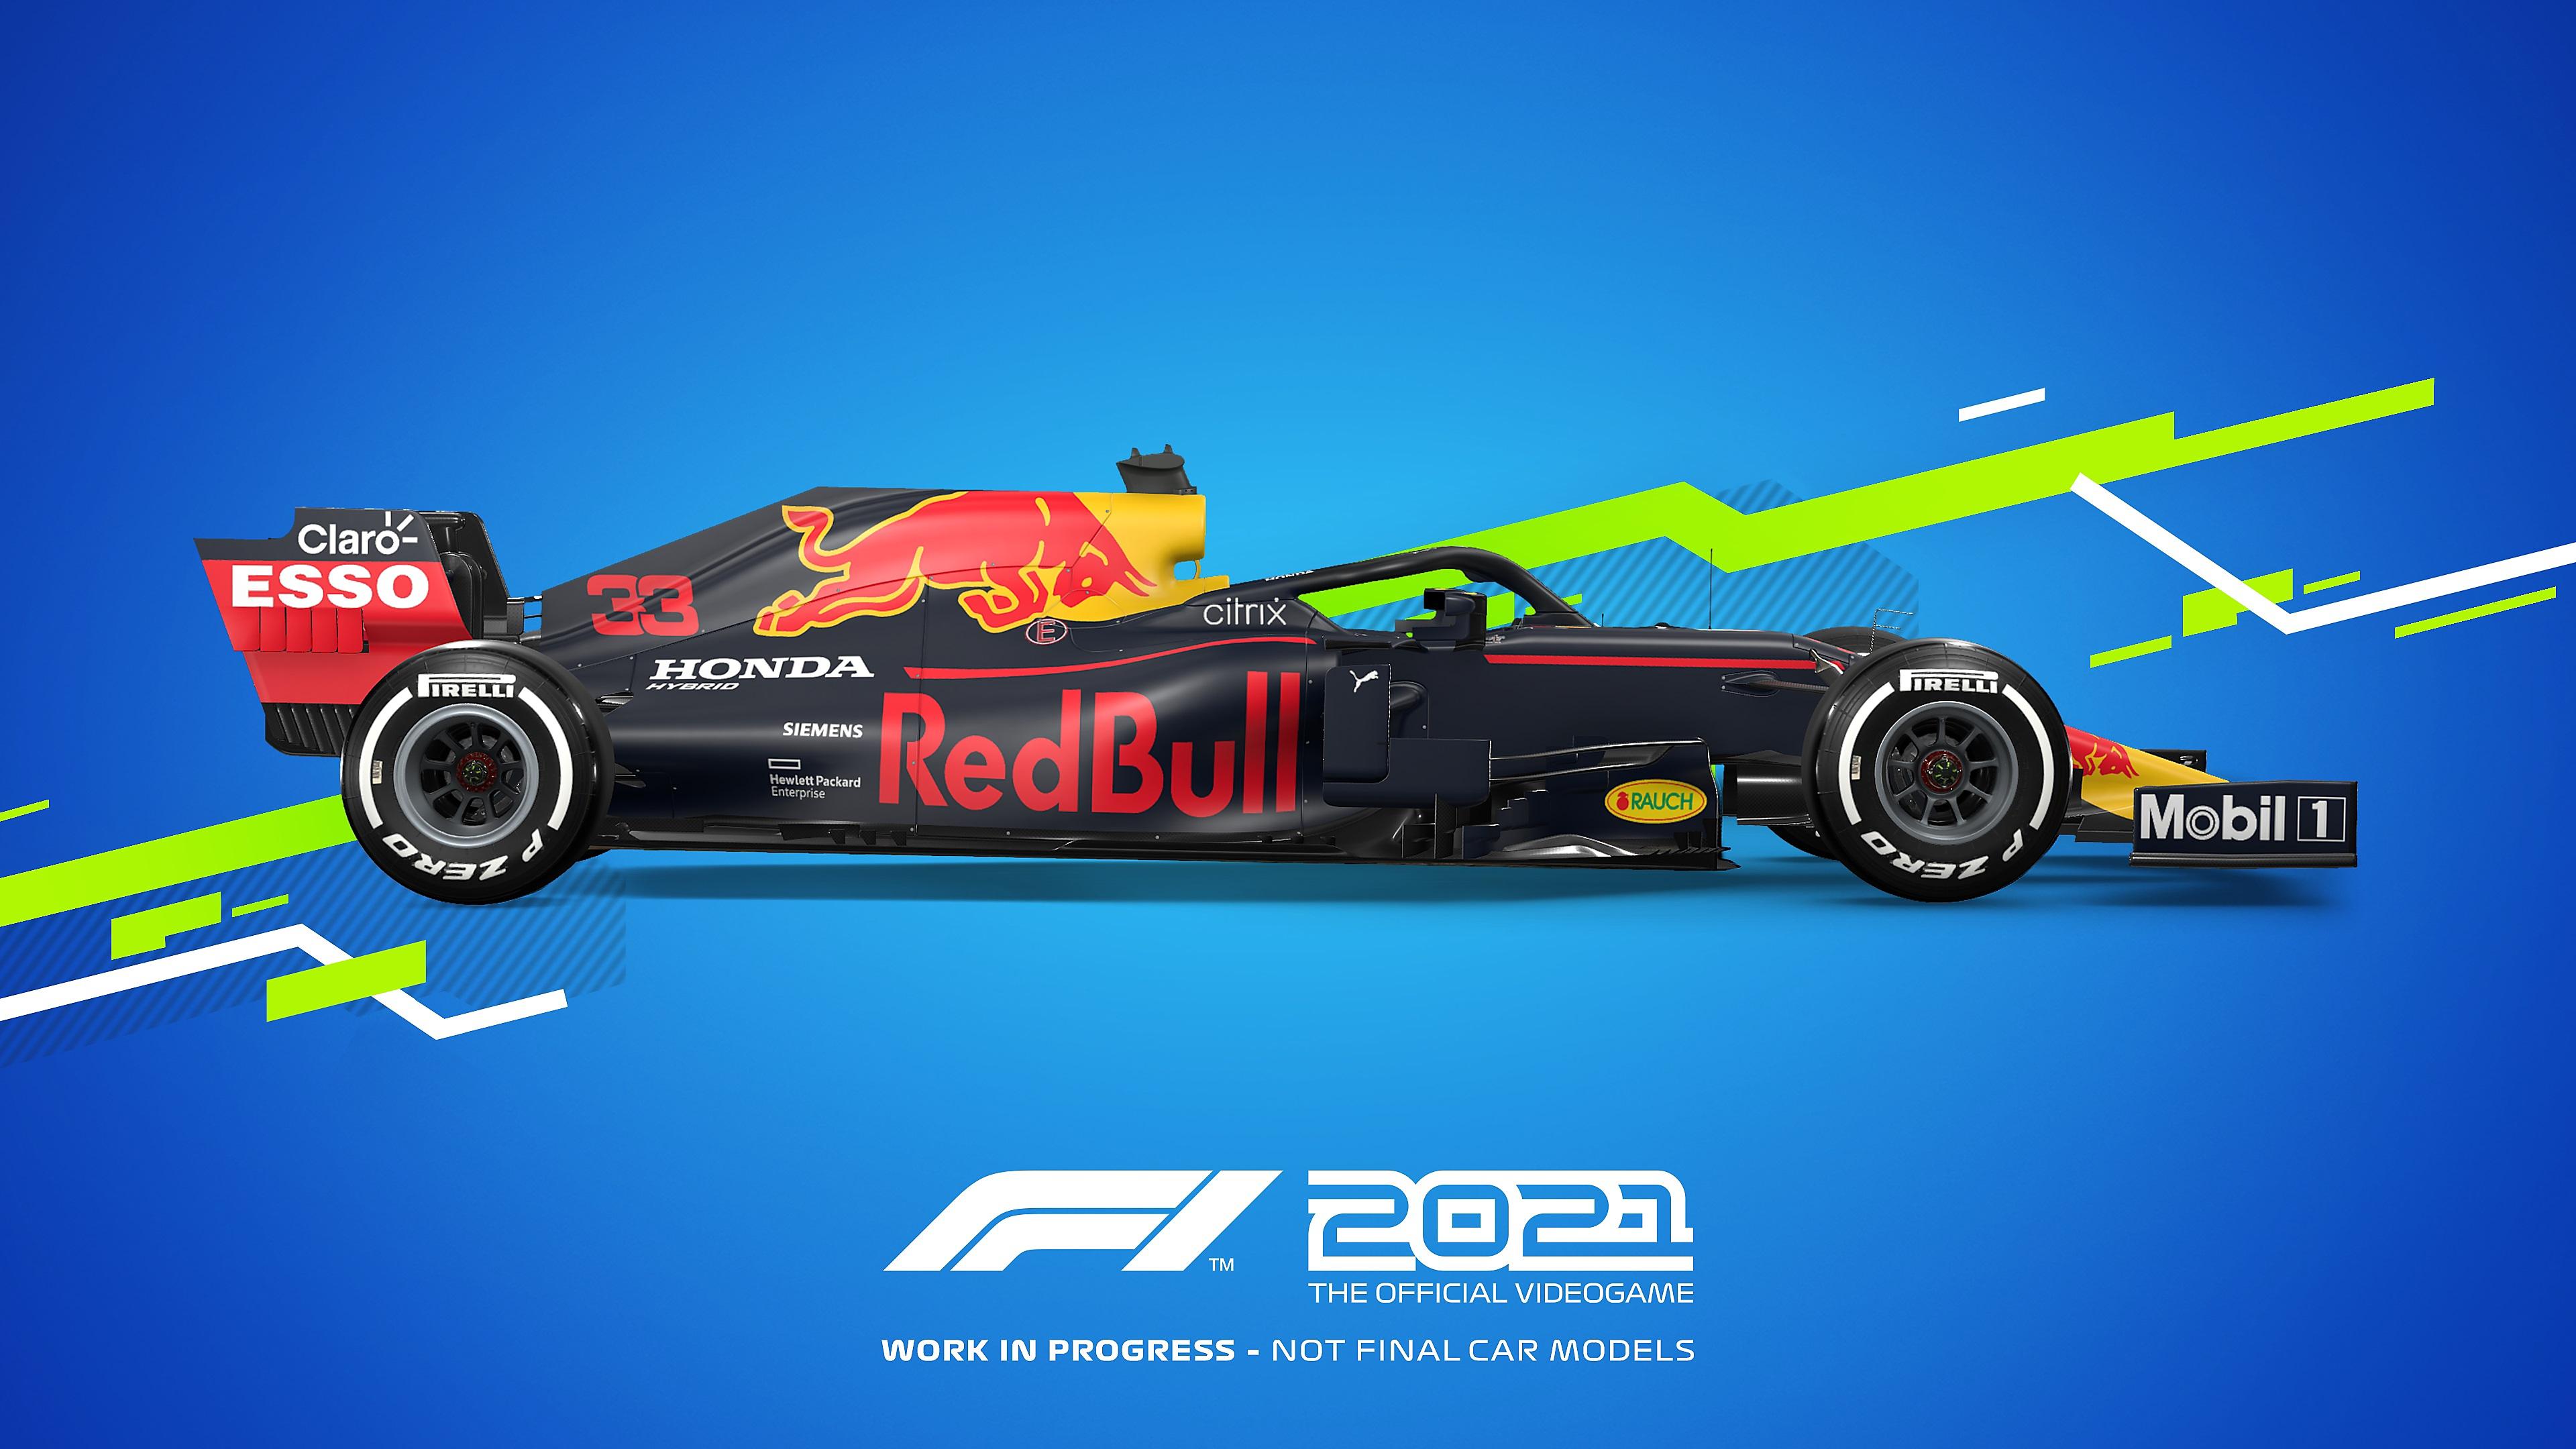 Colores distintivos de autos de juego F1 2021 - Red Bull